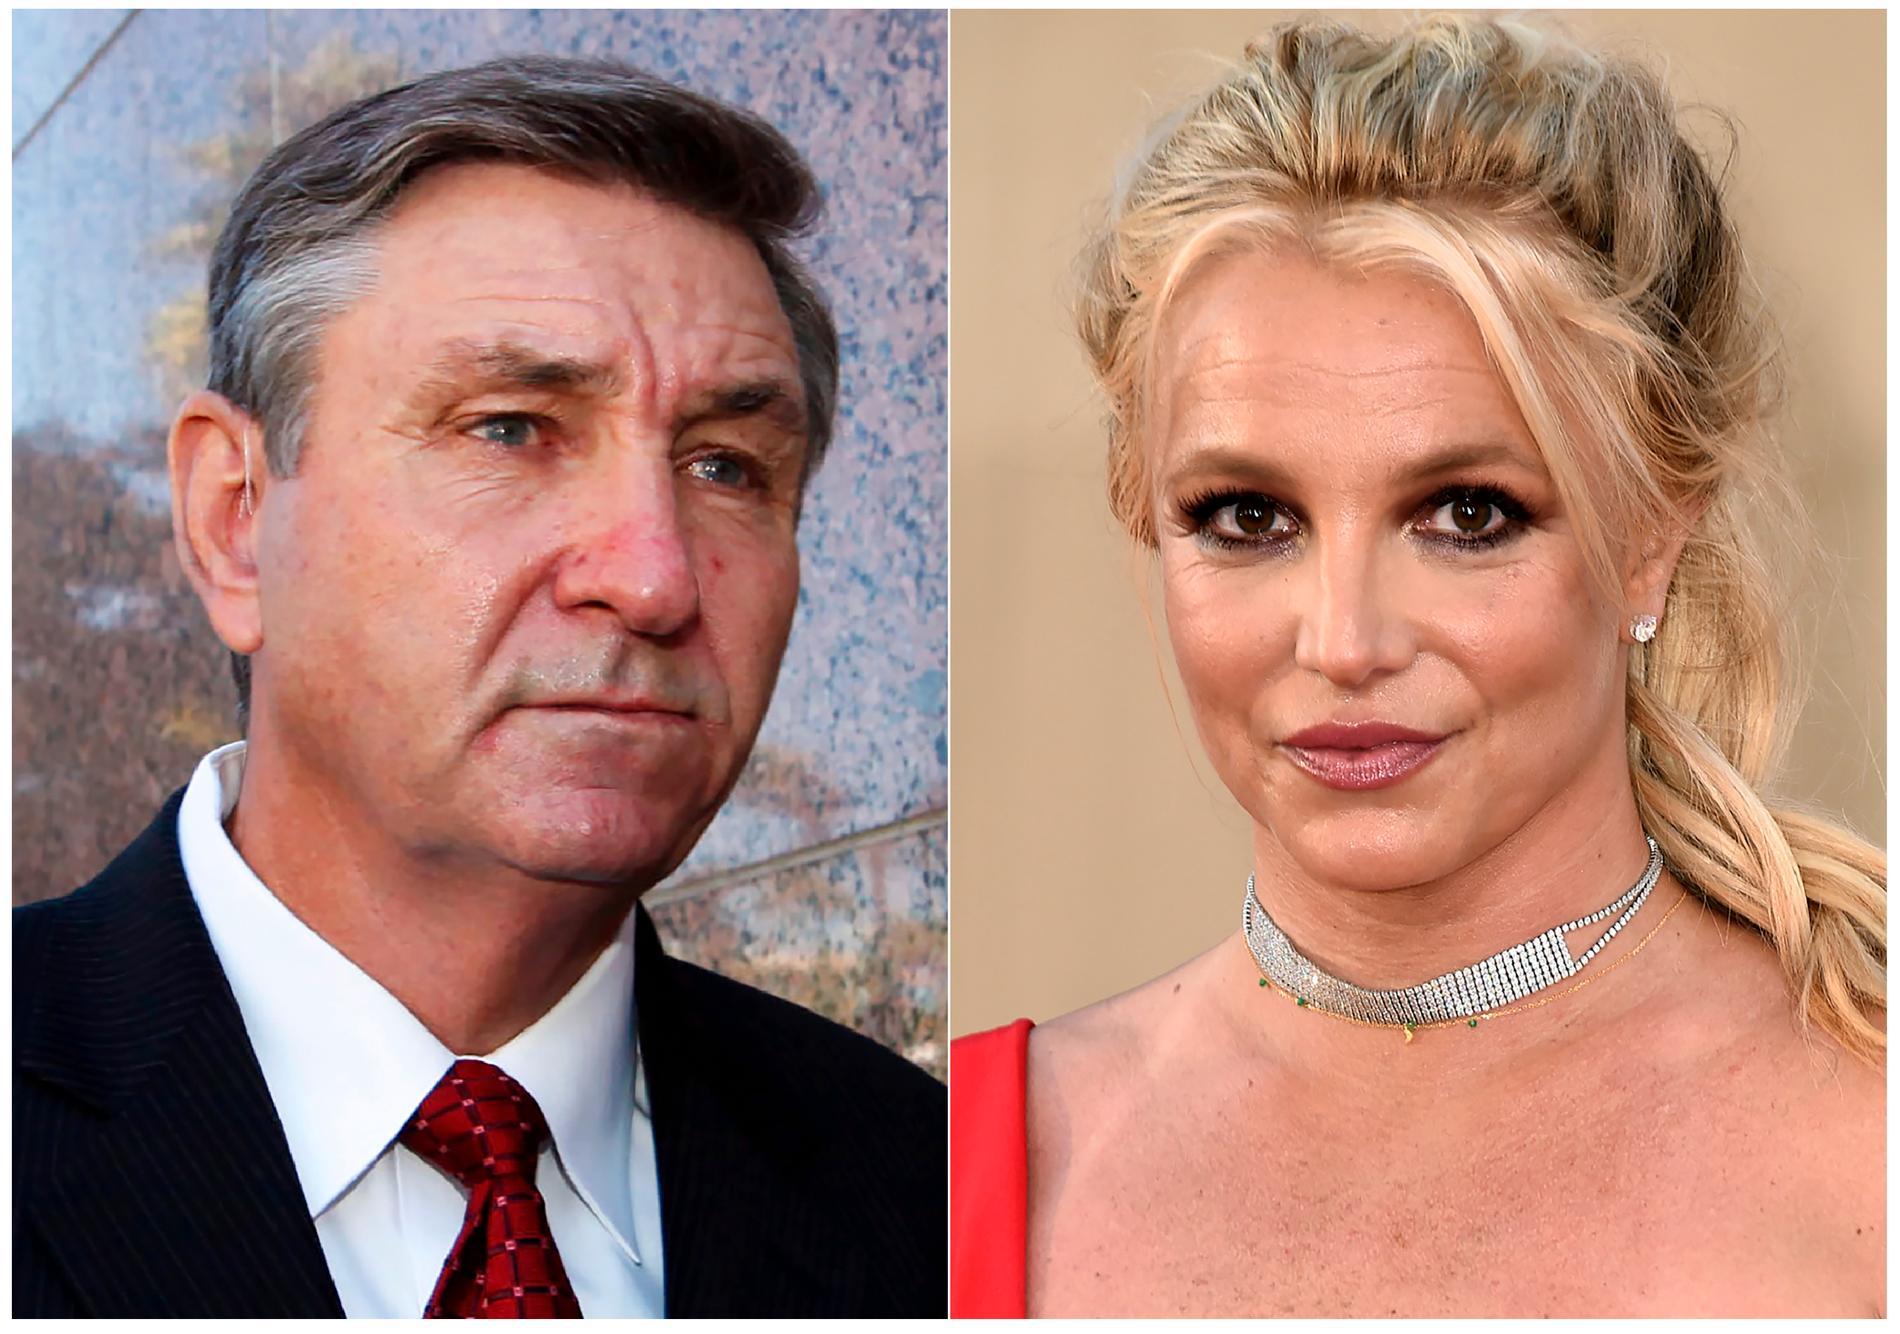 Jamie Spears och dottern Britney Spears strider om vem som ska vara sångerskans förmyndare. Arkivbild.